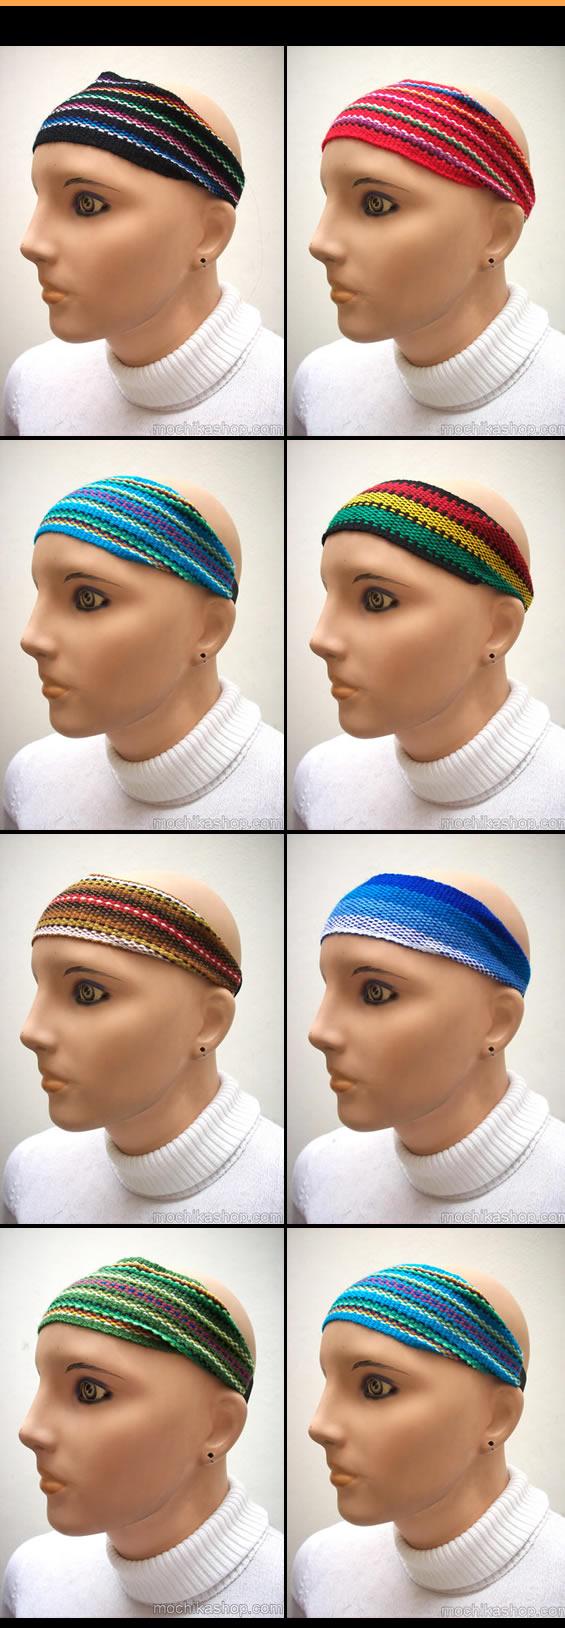 8 Headbands